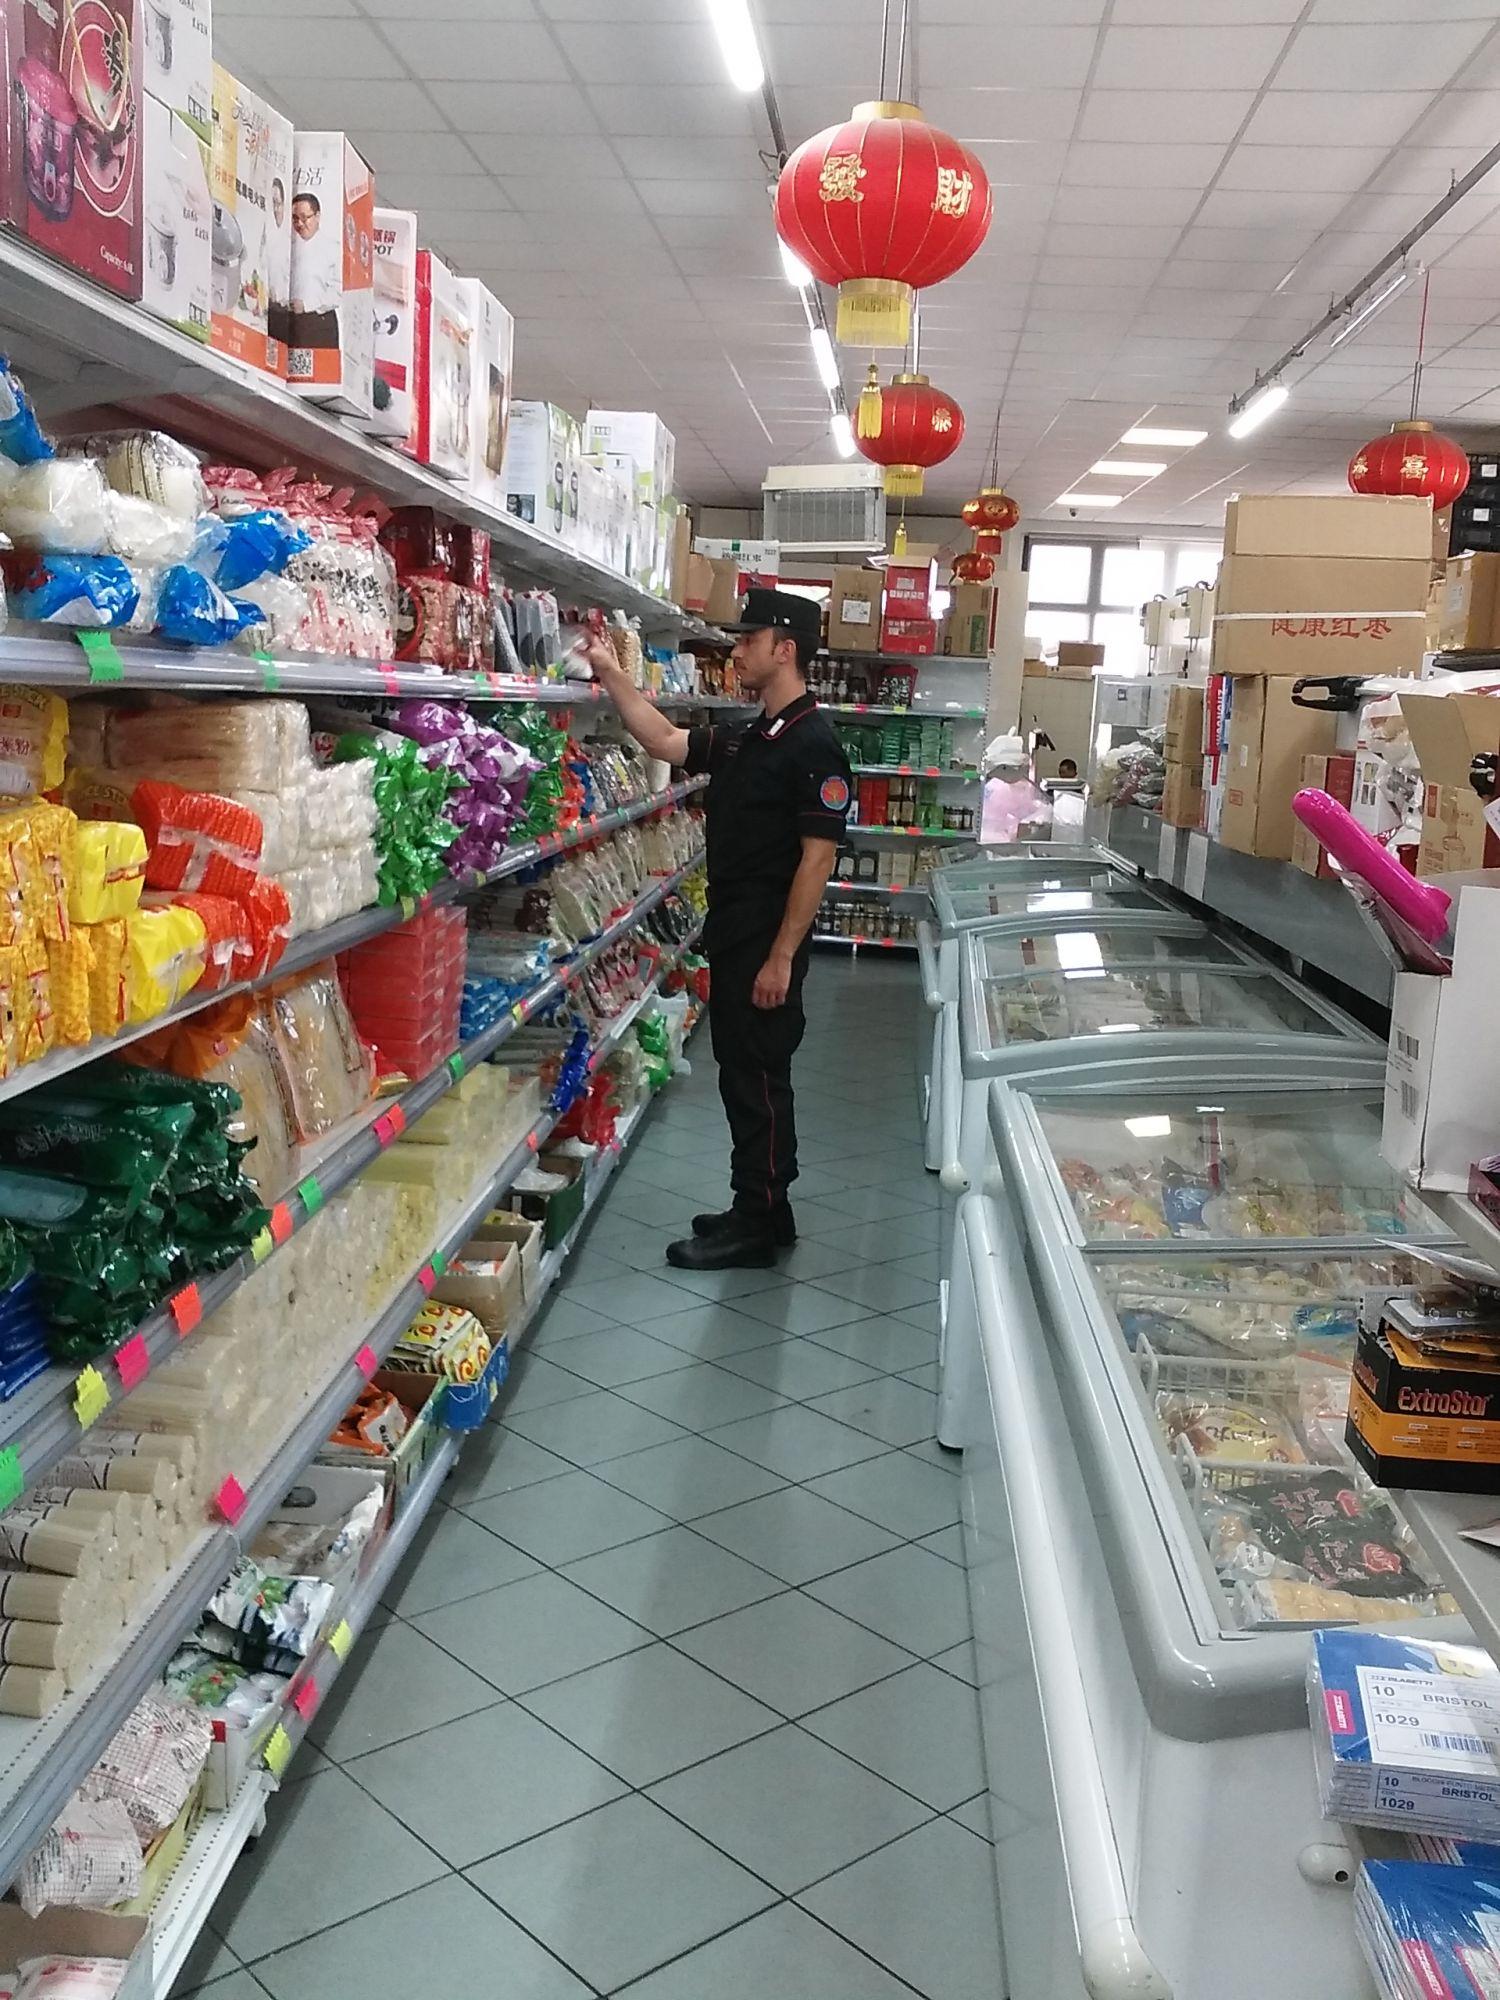 Controllo multiforze in un supermercato cinese, sequestrate centinaia di confezioni alimentari